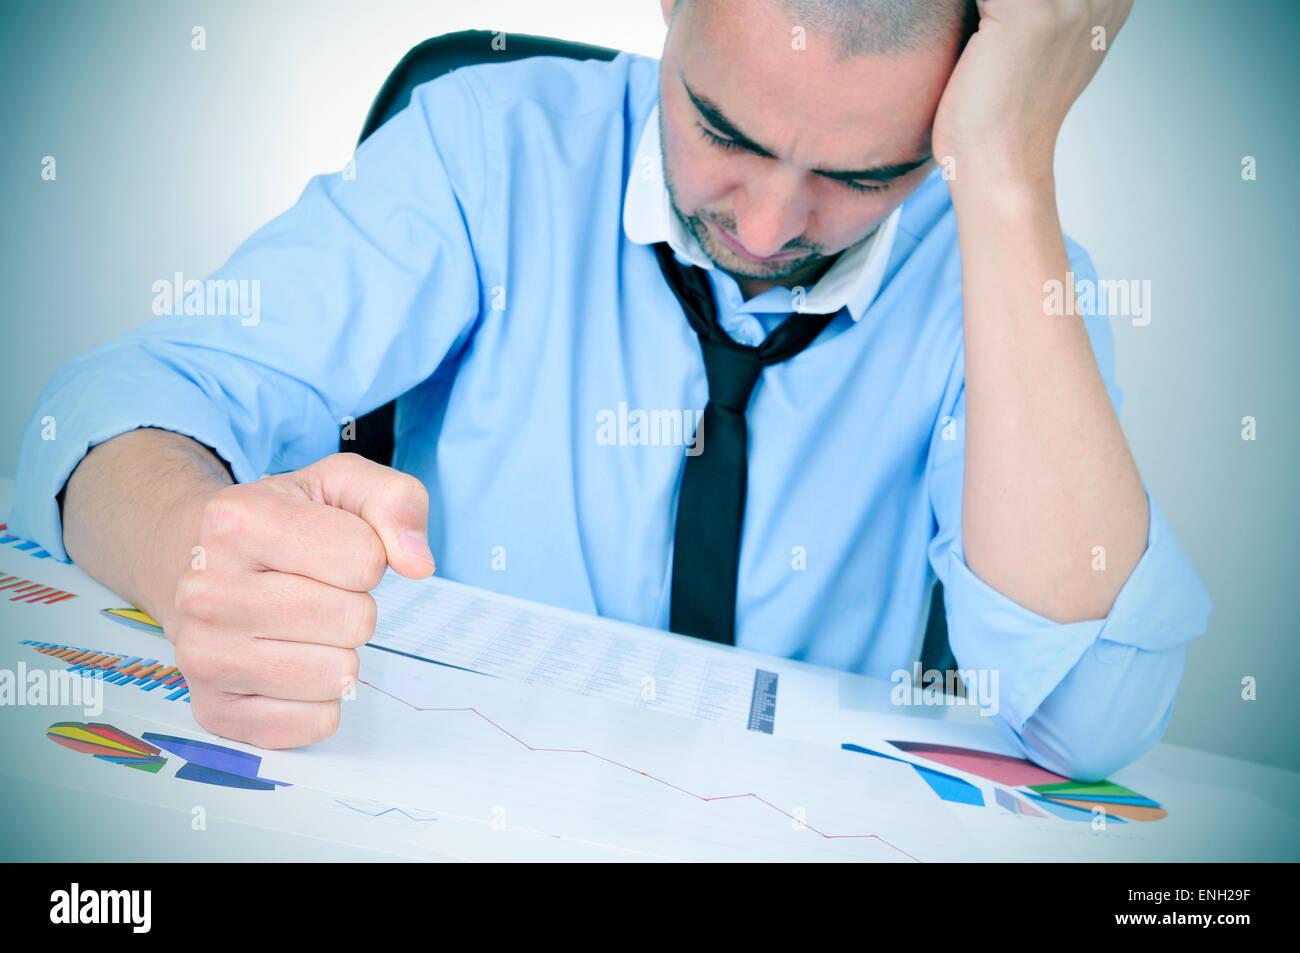 ein junger kaukasischer Geschäftsmann in seinem Büroschreibtisch voller Grafiken und Diagramme beobachten Stockbild